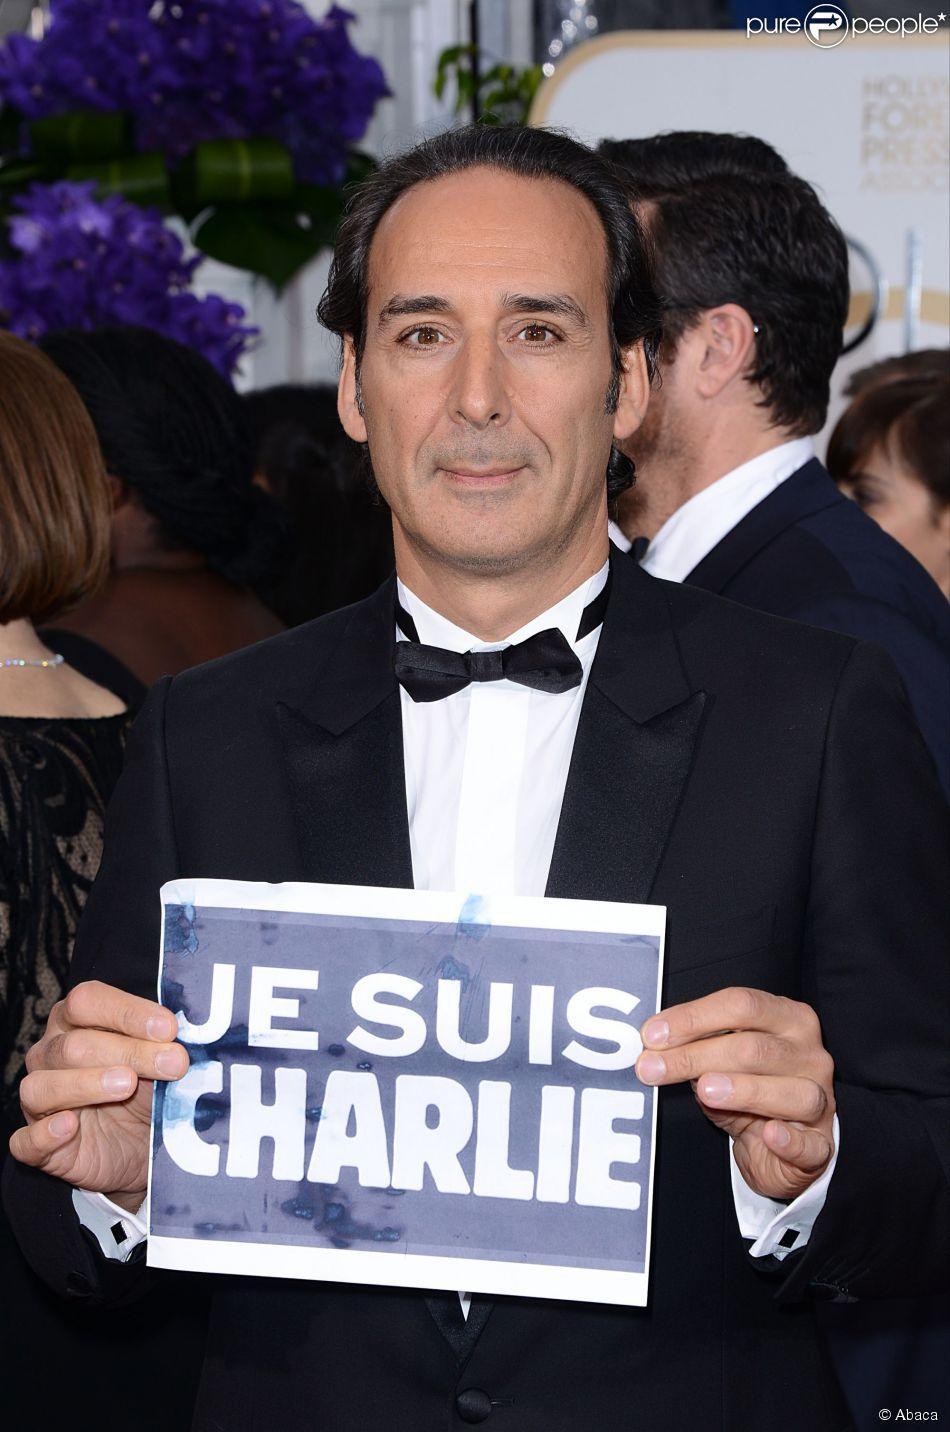 Alexandre Desplat est Charlie aux olden Globe Awards 2015.